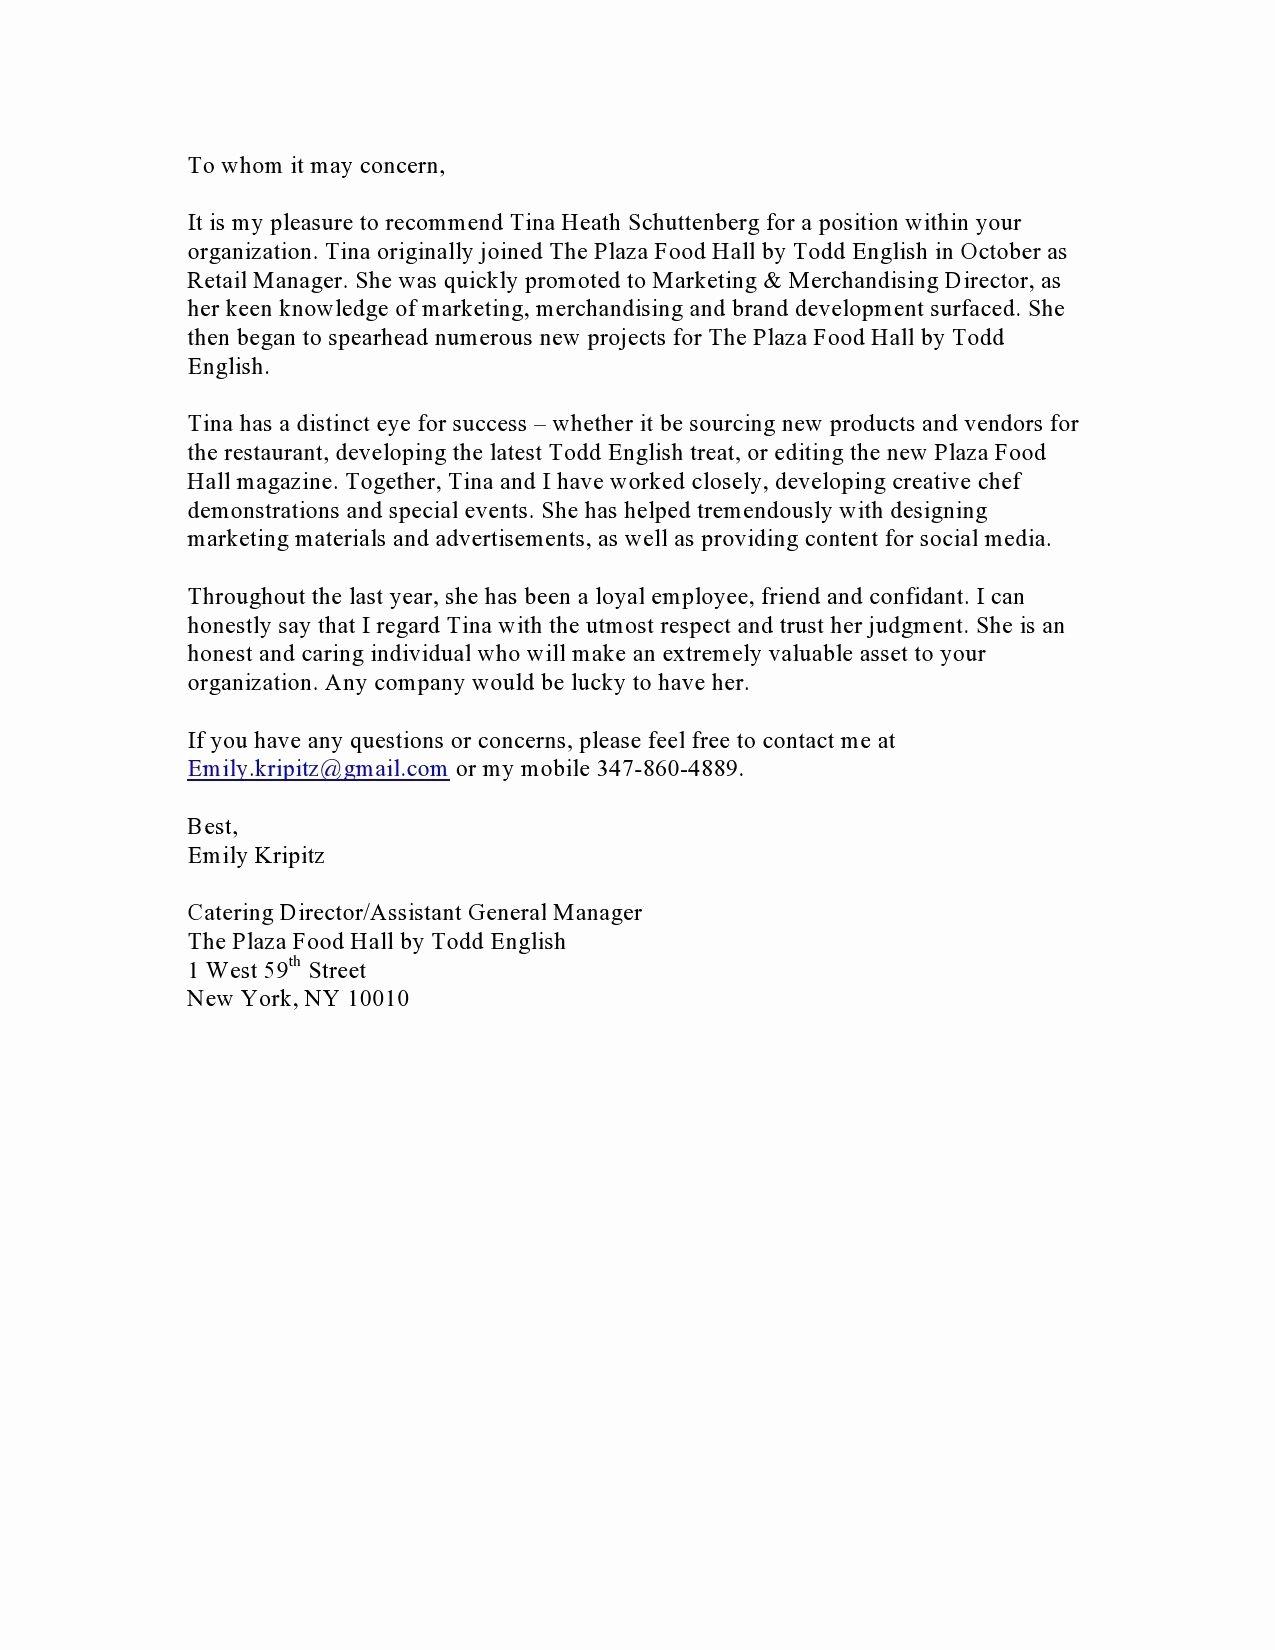 Vendor Recommendation Letter Sample Best Of New Letter Re Mendation Template for A Vendor